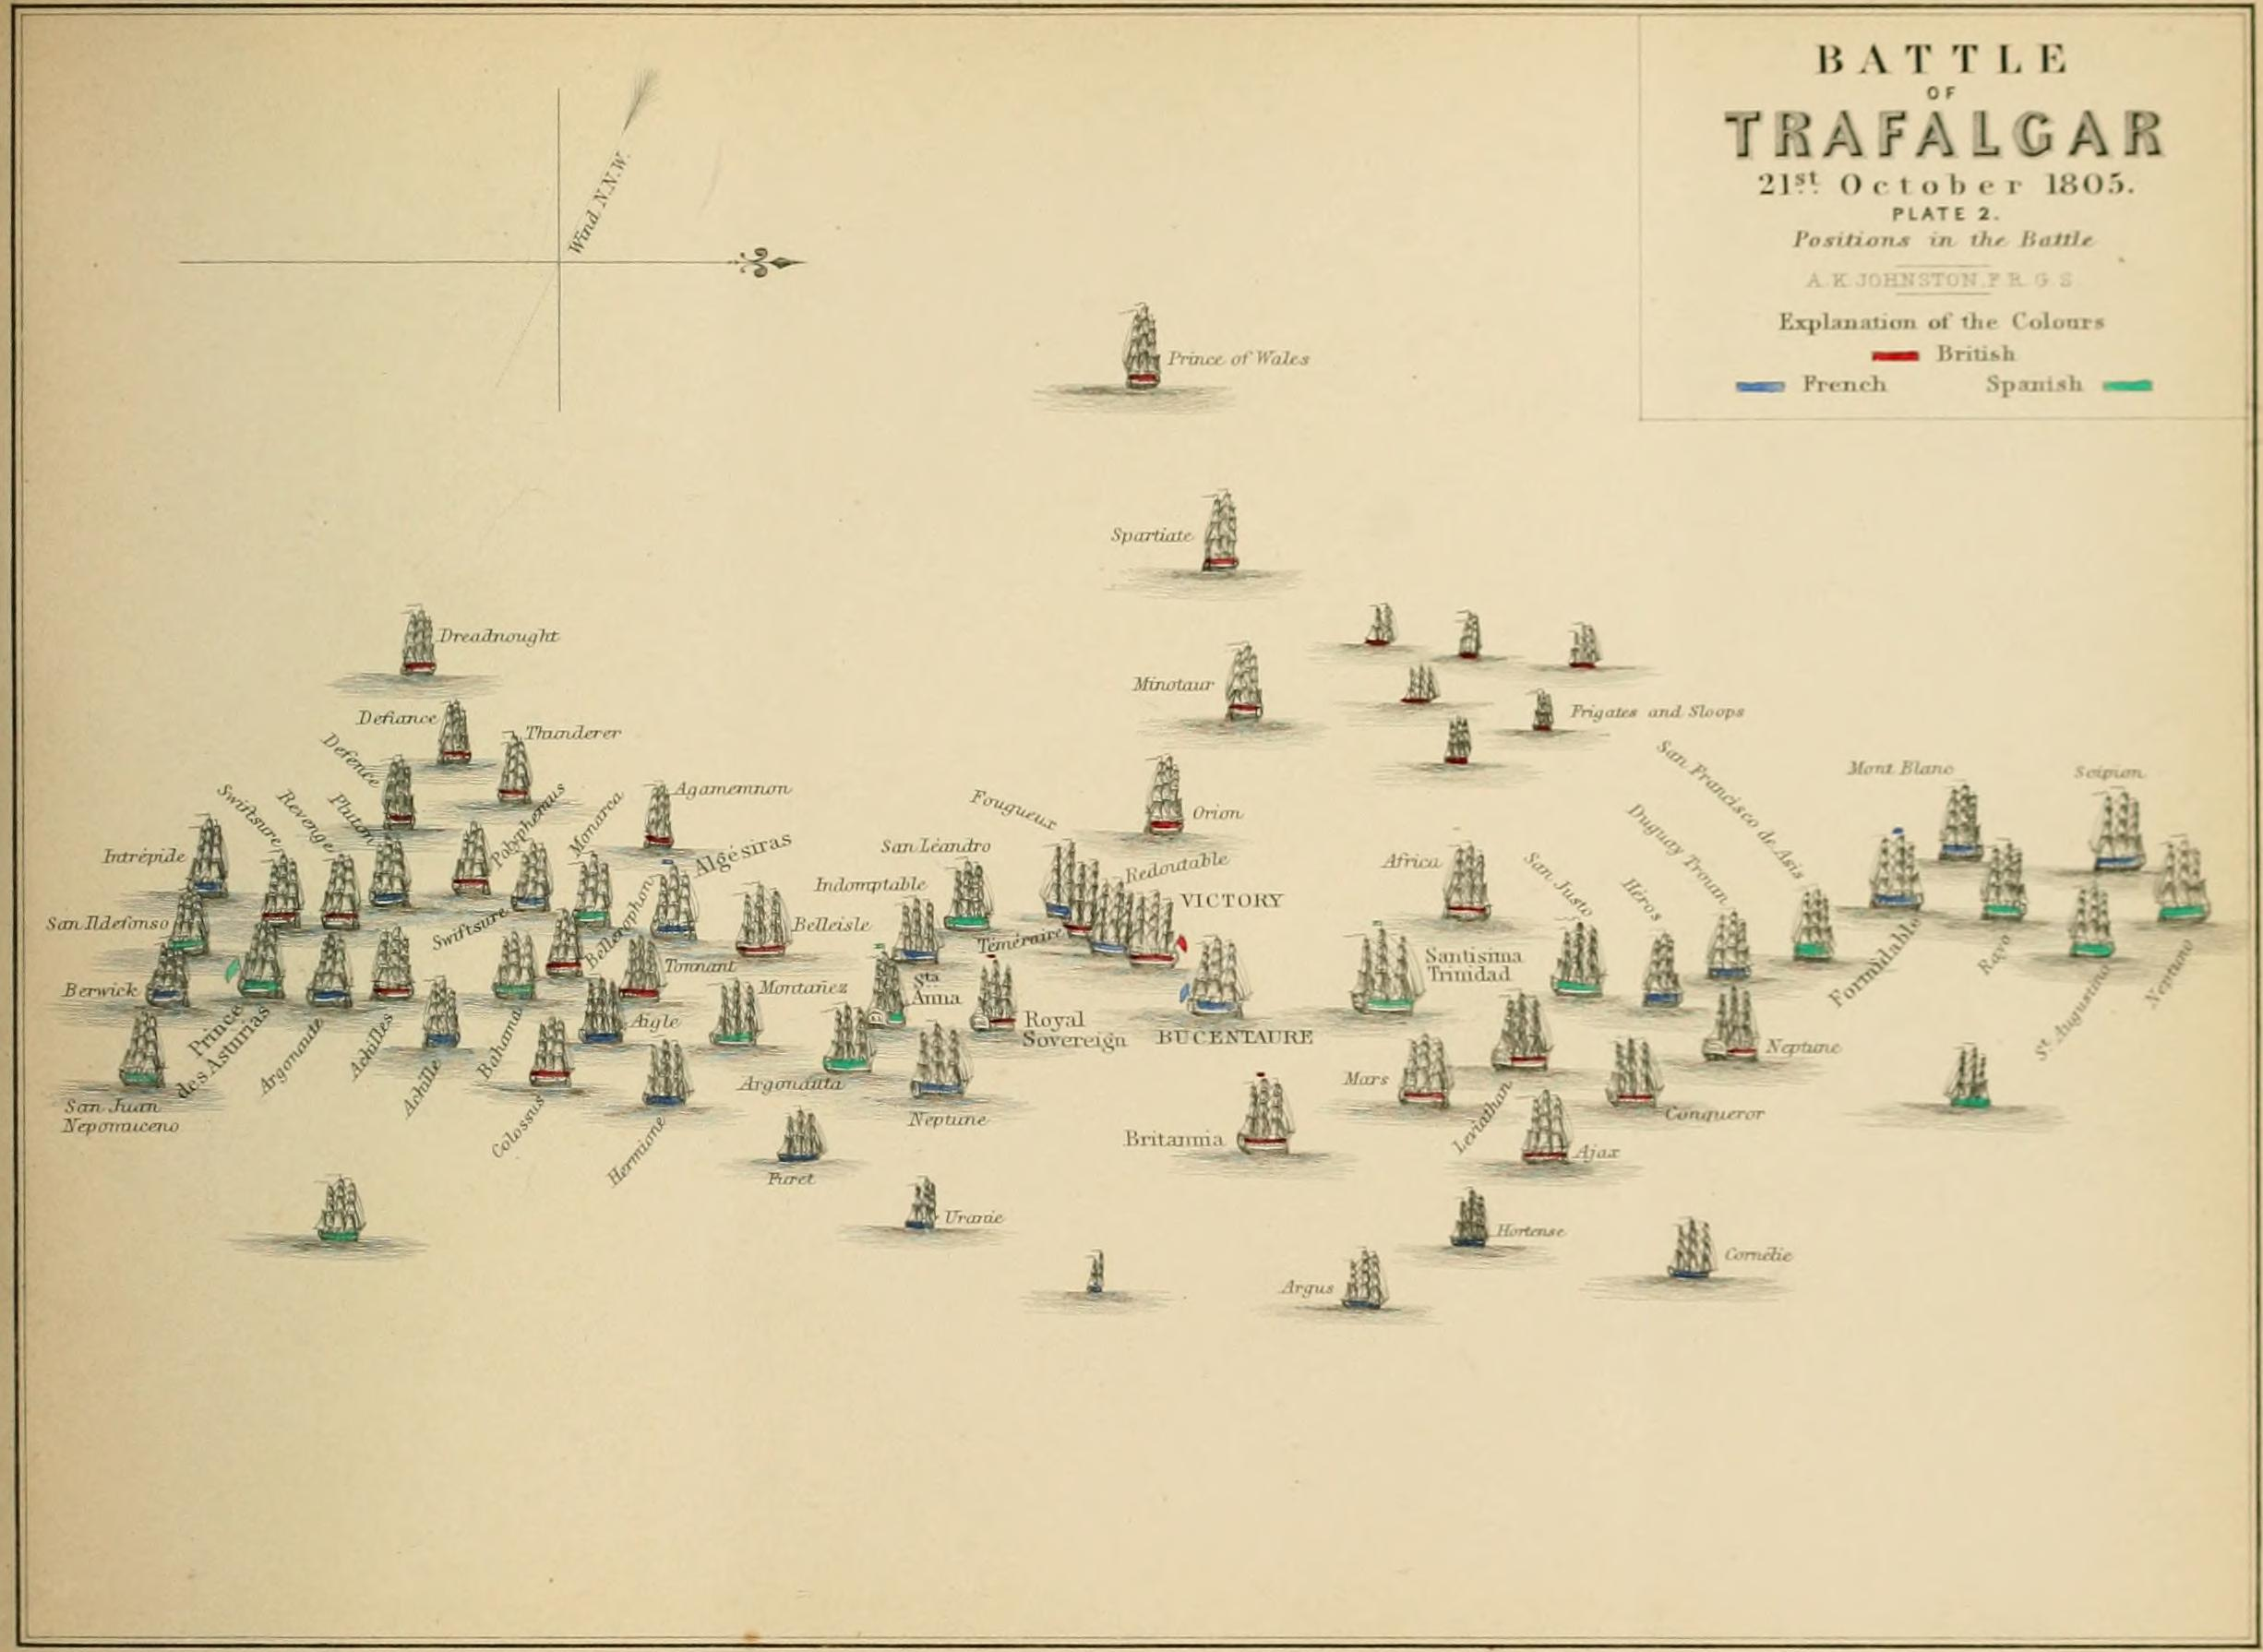 File:Battle of Trafalgar, Plate 2.jpg - Wikimedia Commons